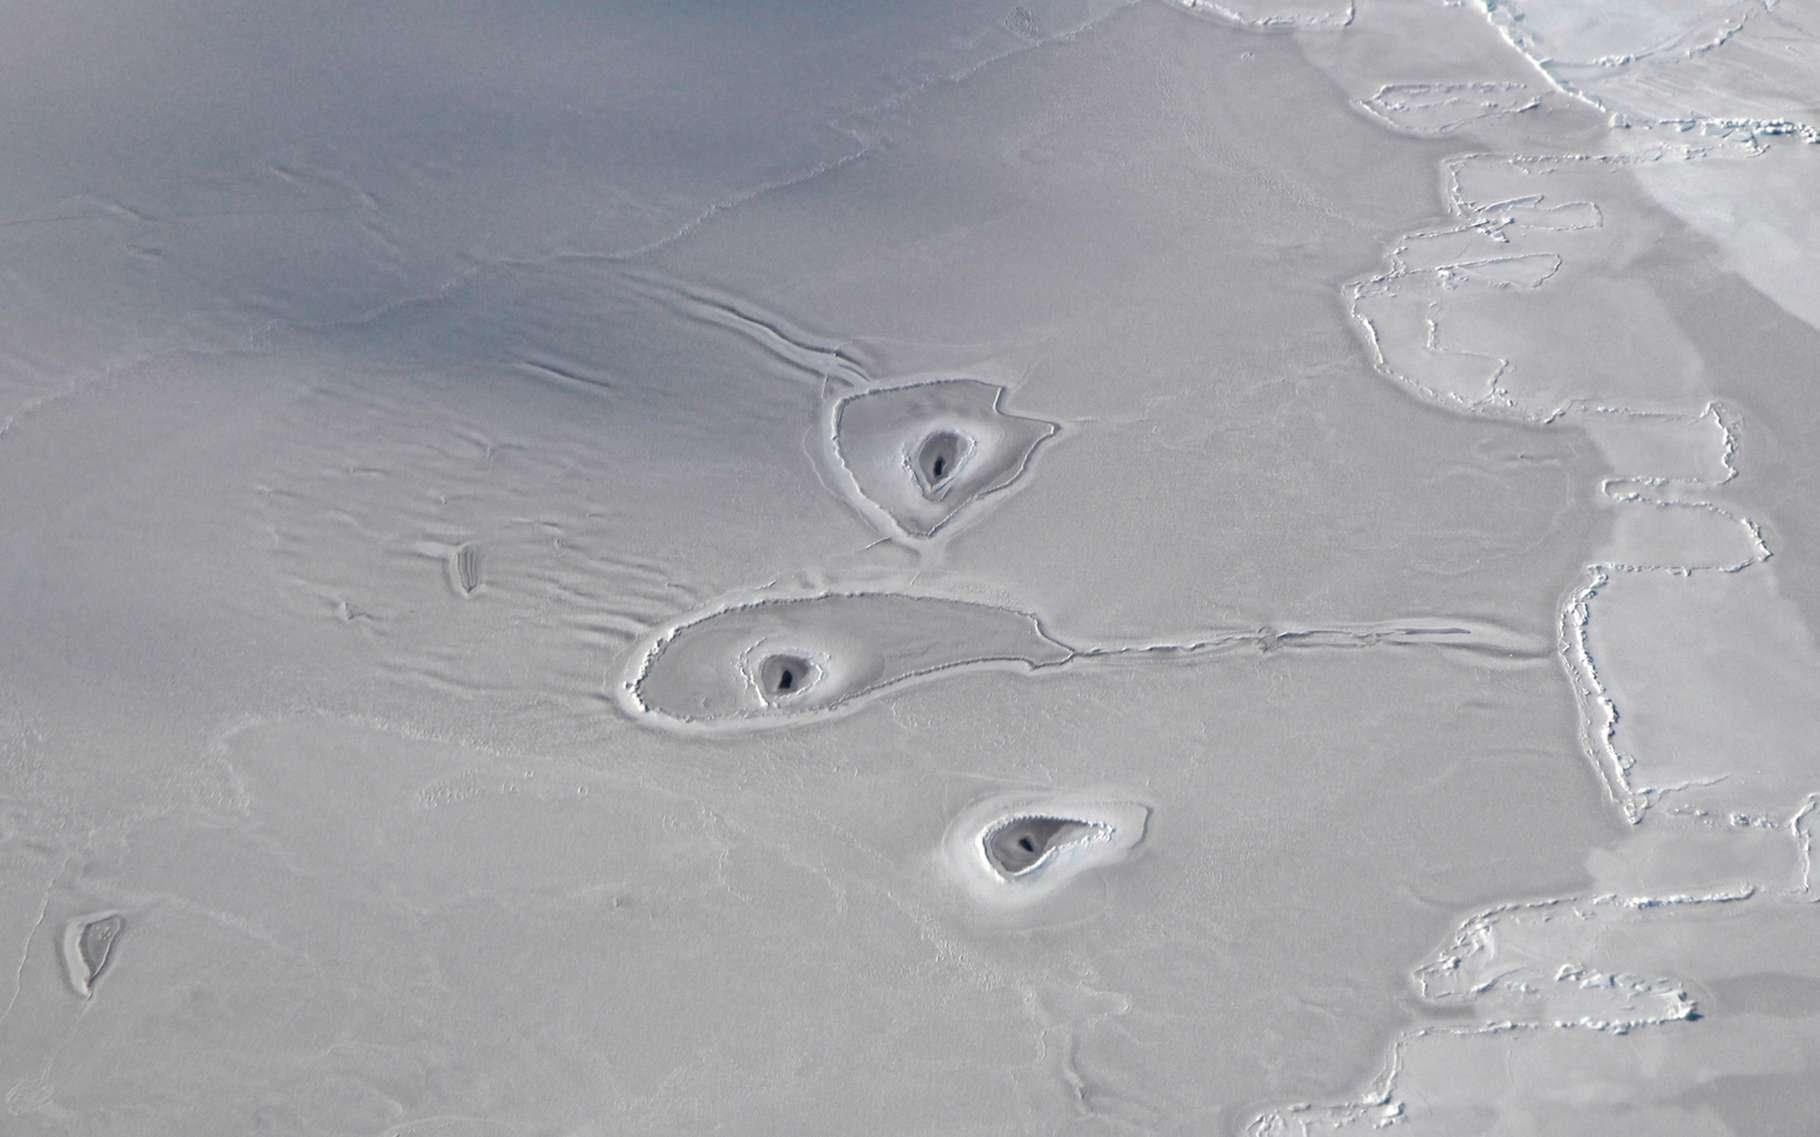 Les chercheurs de la Nasa ont découvert des trous de glace mystérieux en mer de Beaufort. © John Sonntag, Operation IceBridge, Nasa